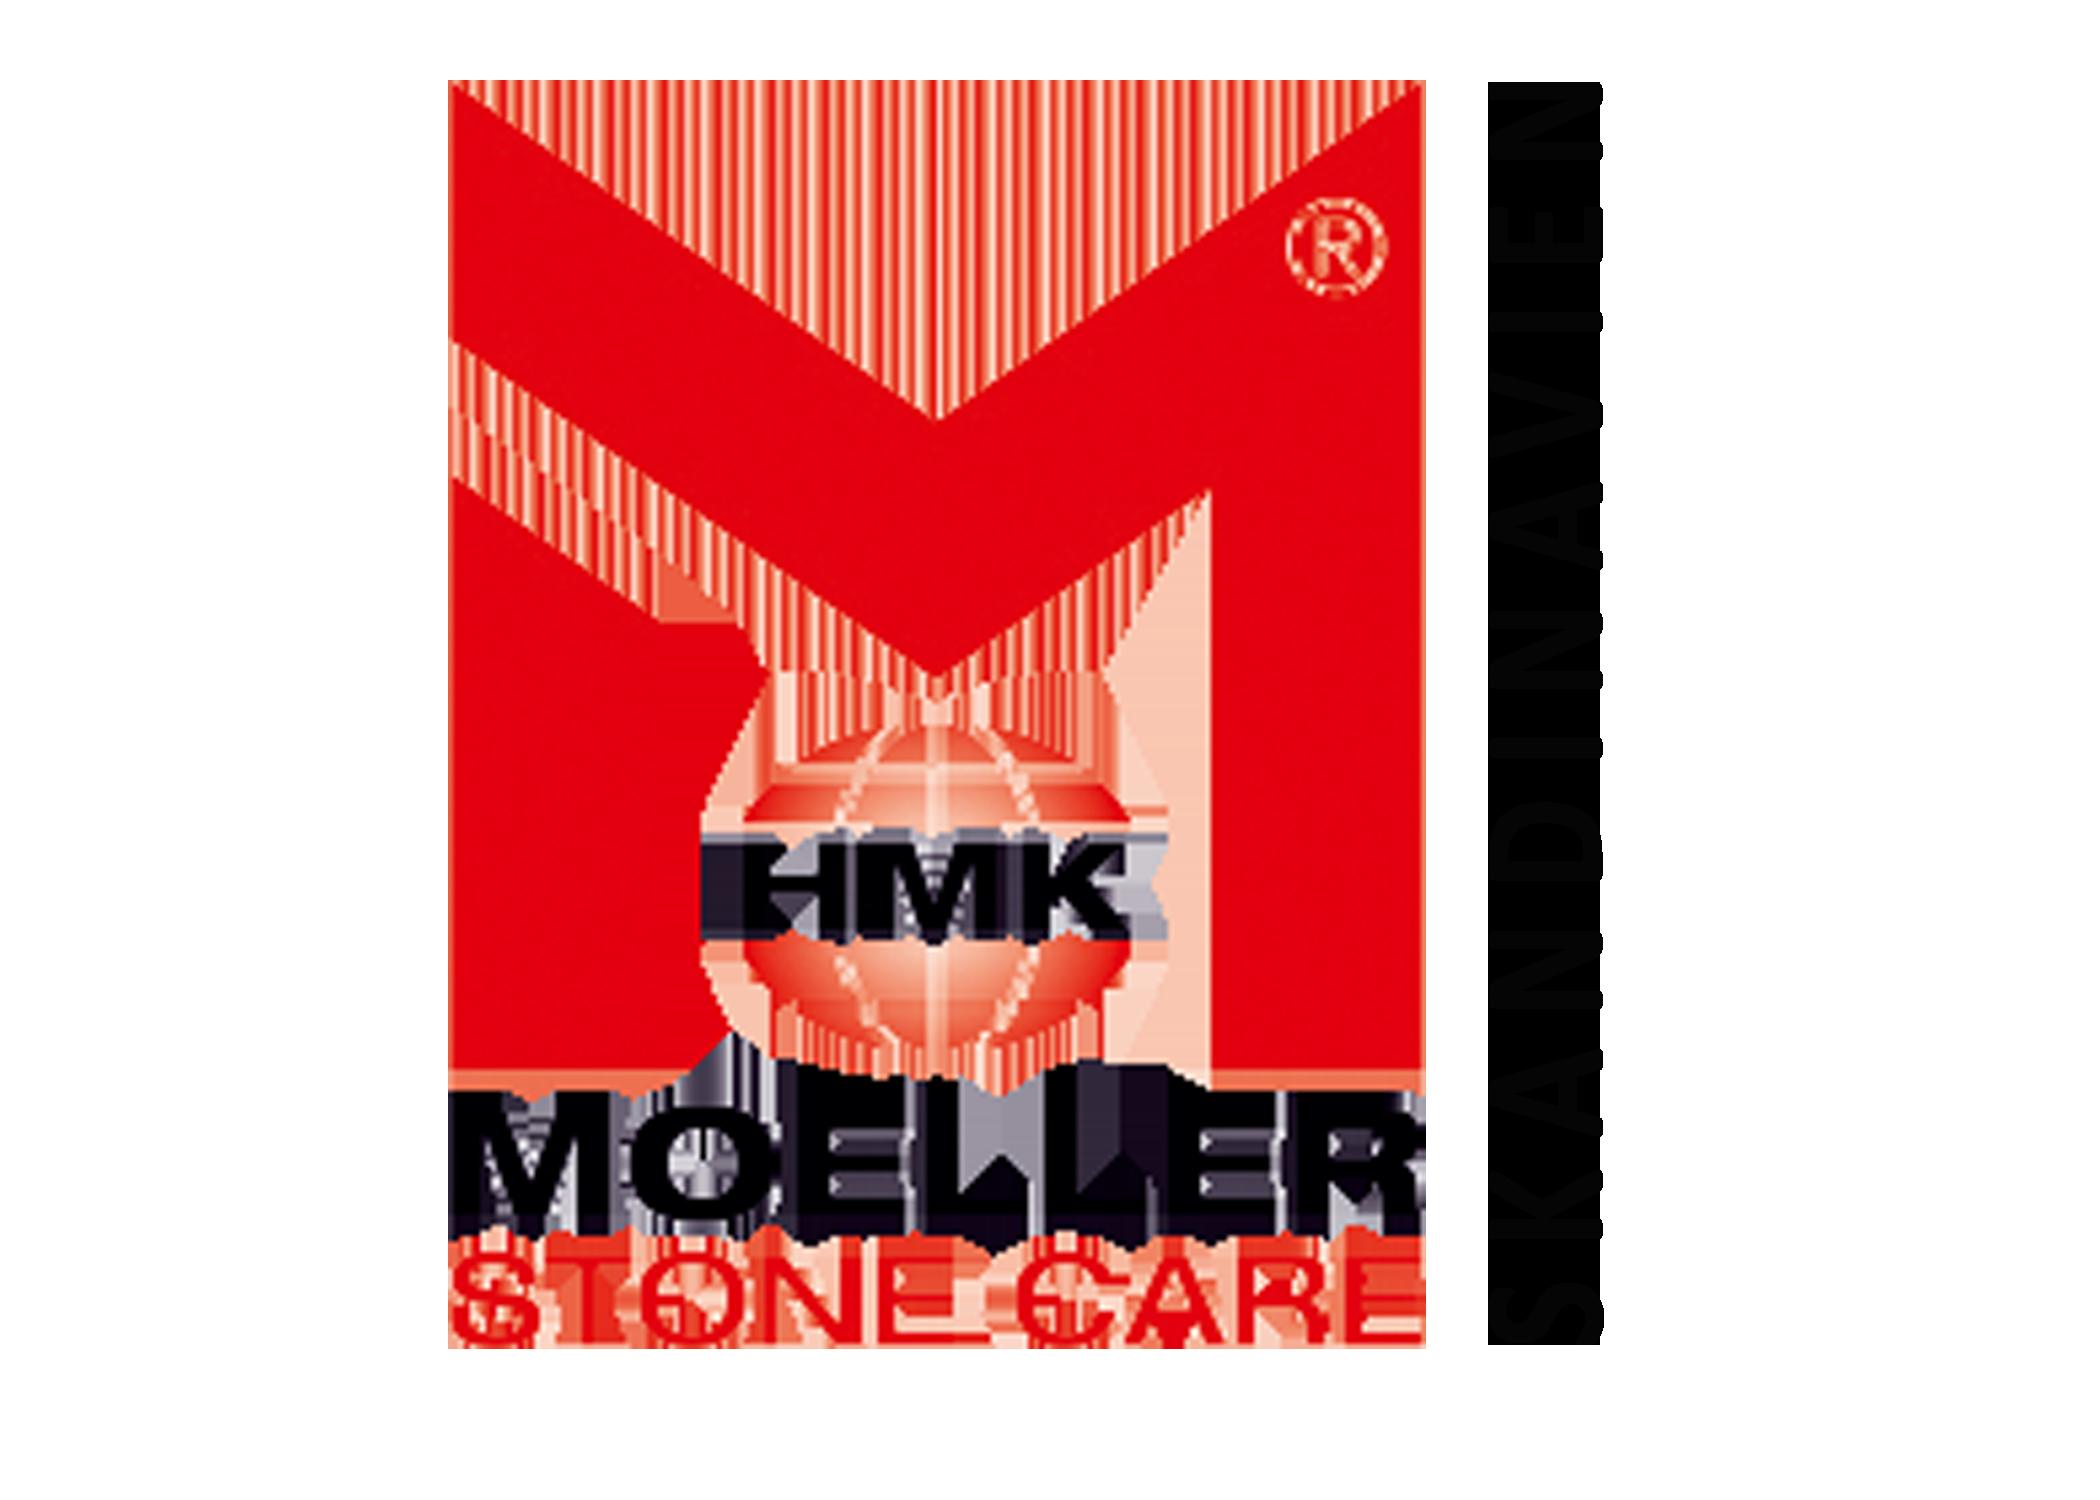 Moellerstonecare